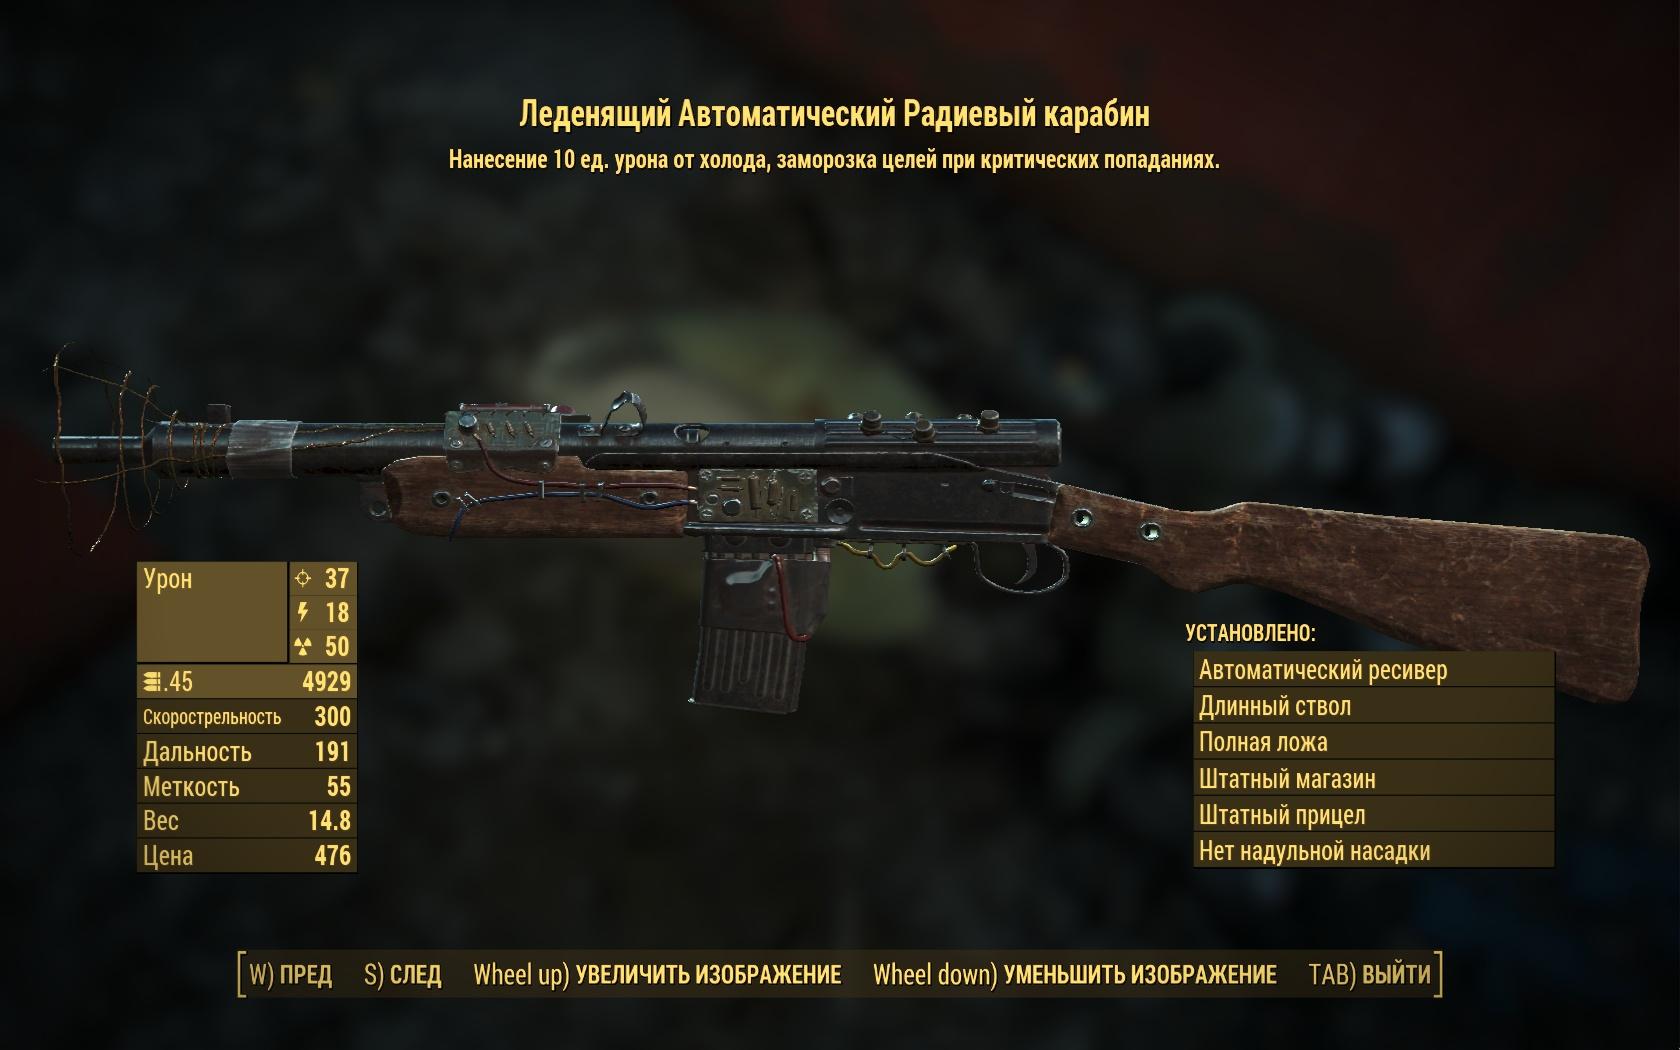 карабин - Fallout 4 автоматический, Леденящий, Оружие, радиевый